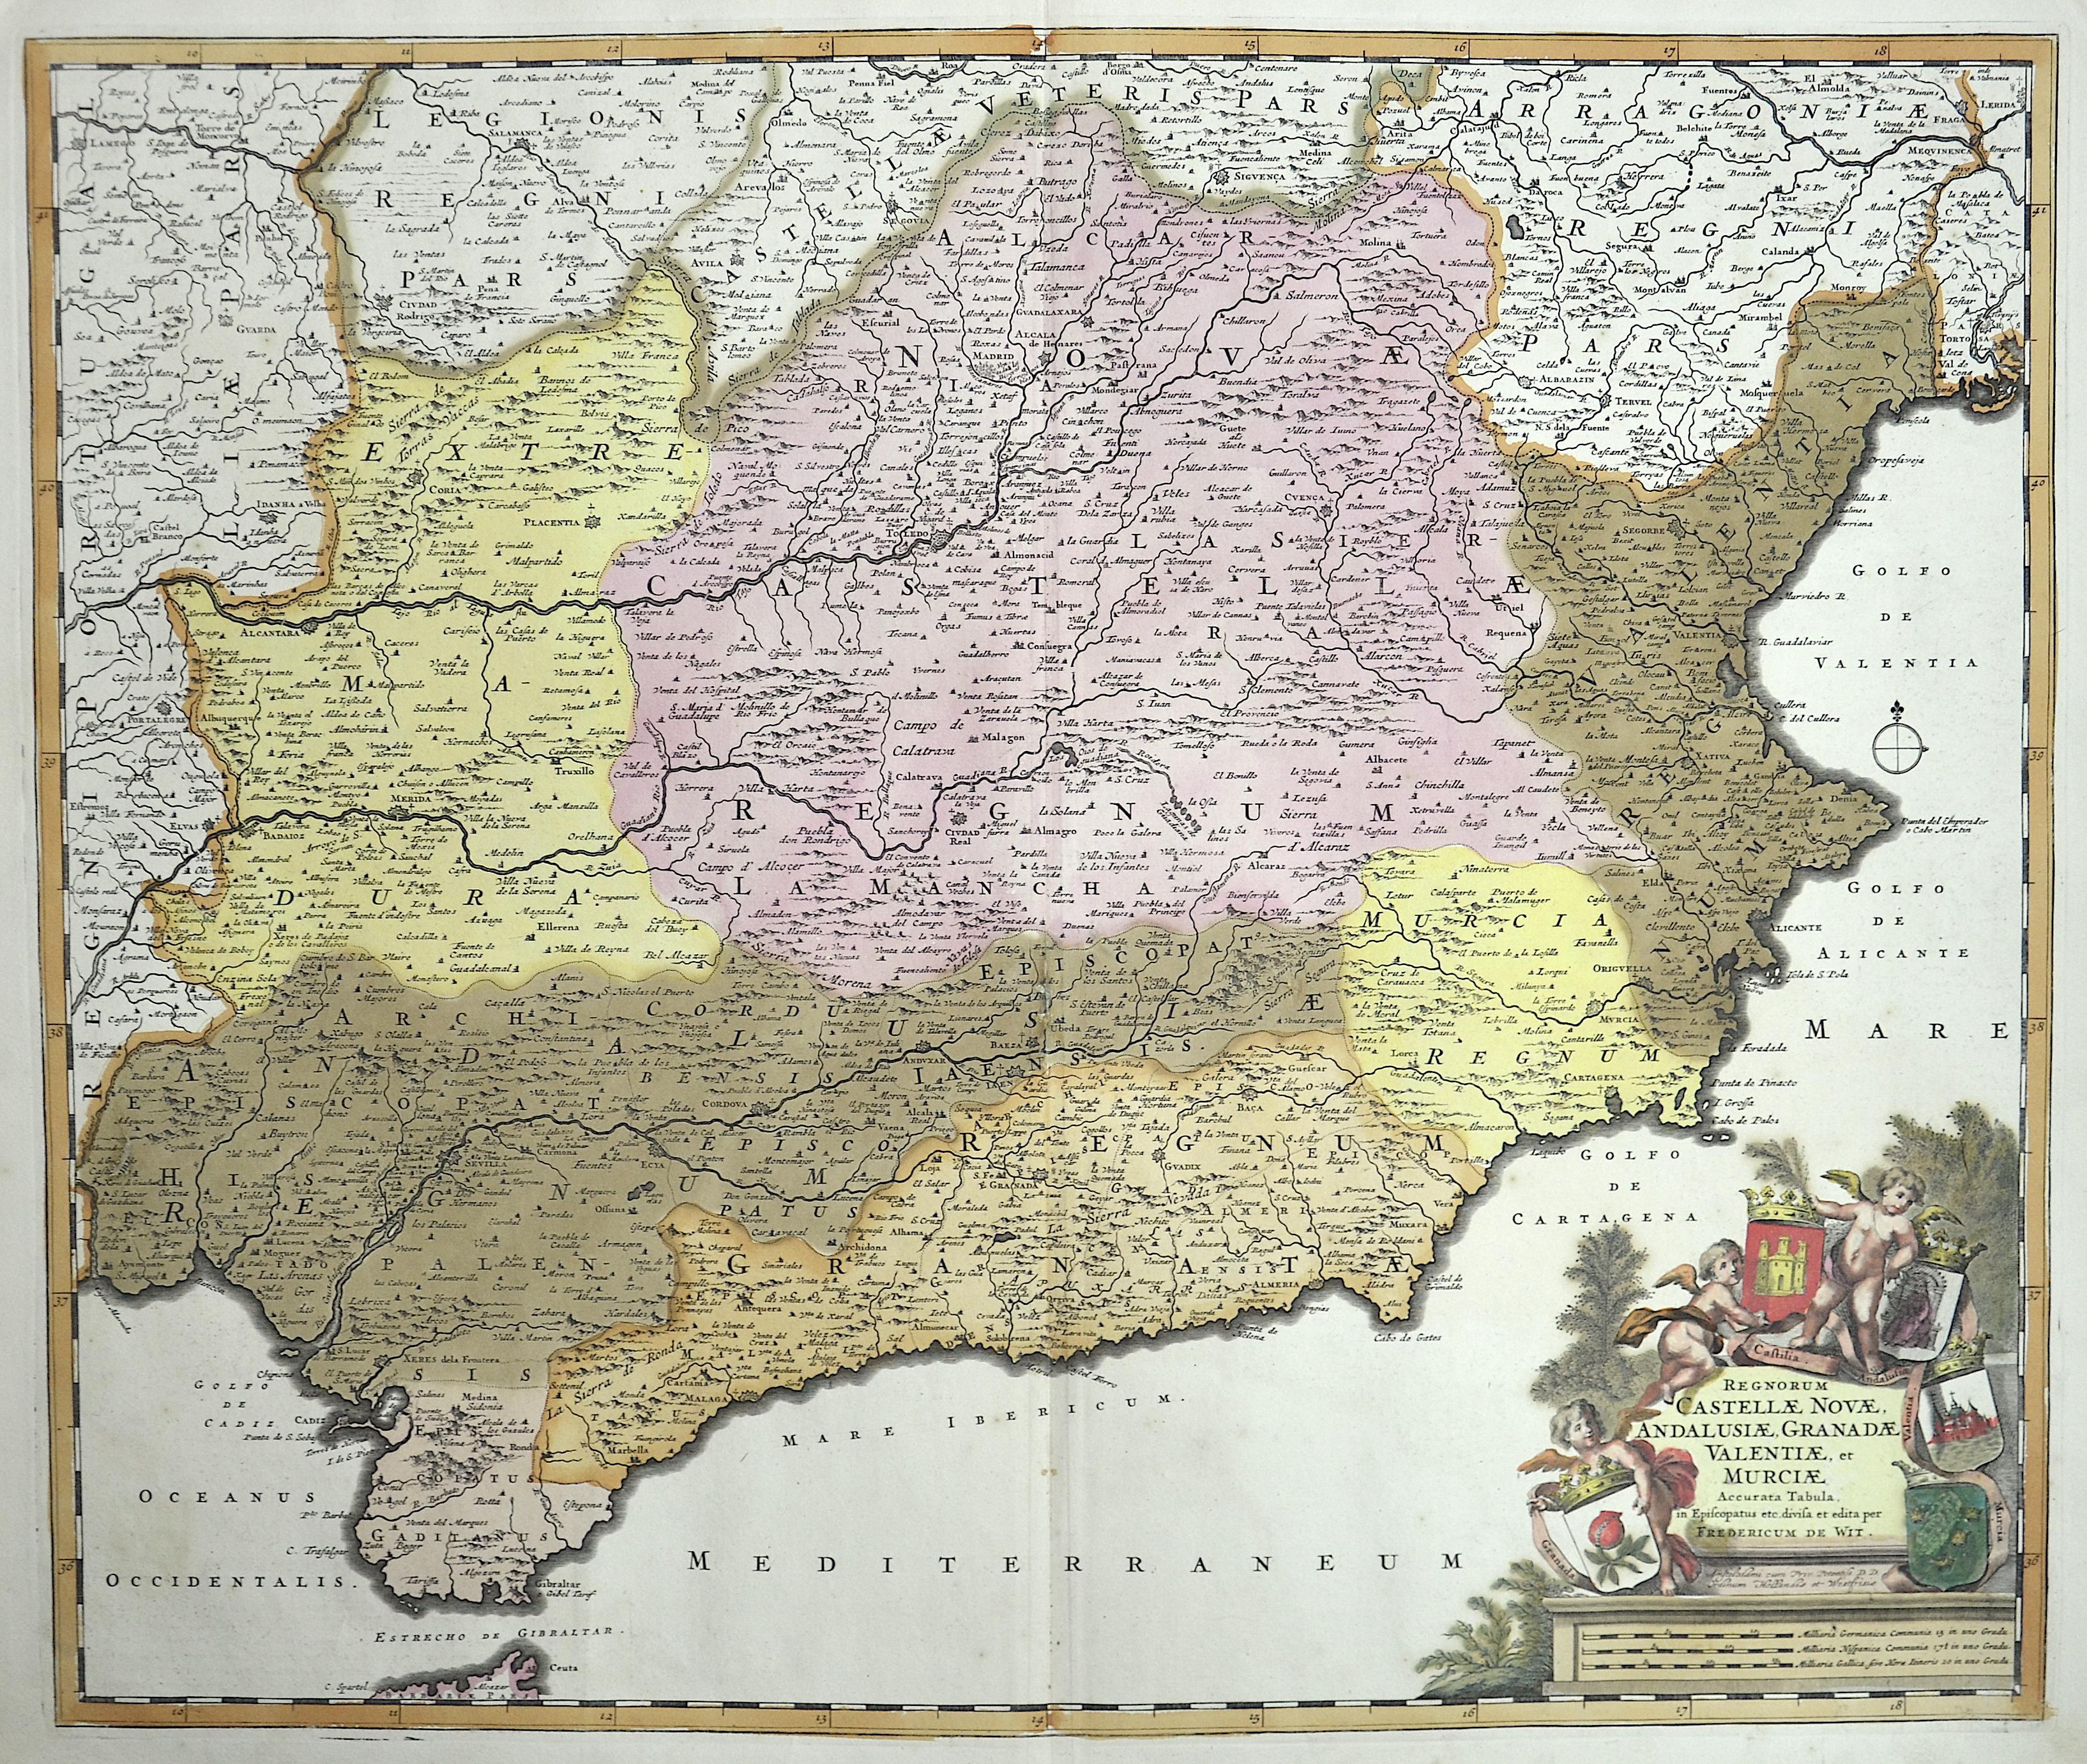 Wit, de Frederick Regnorum Castellae Novae, Andalusiae, Granadae Valentiae, et Murciae